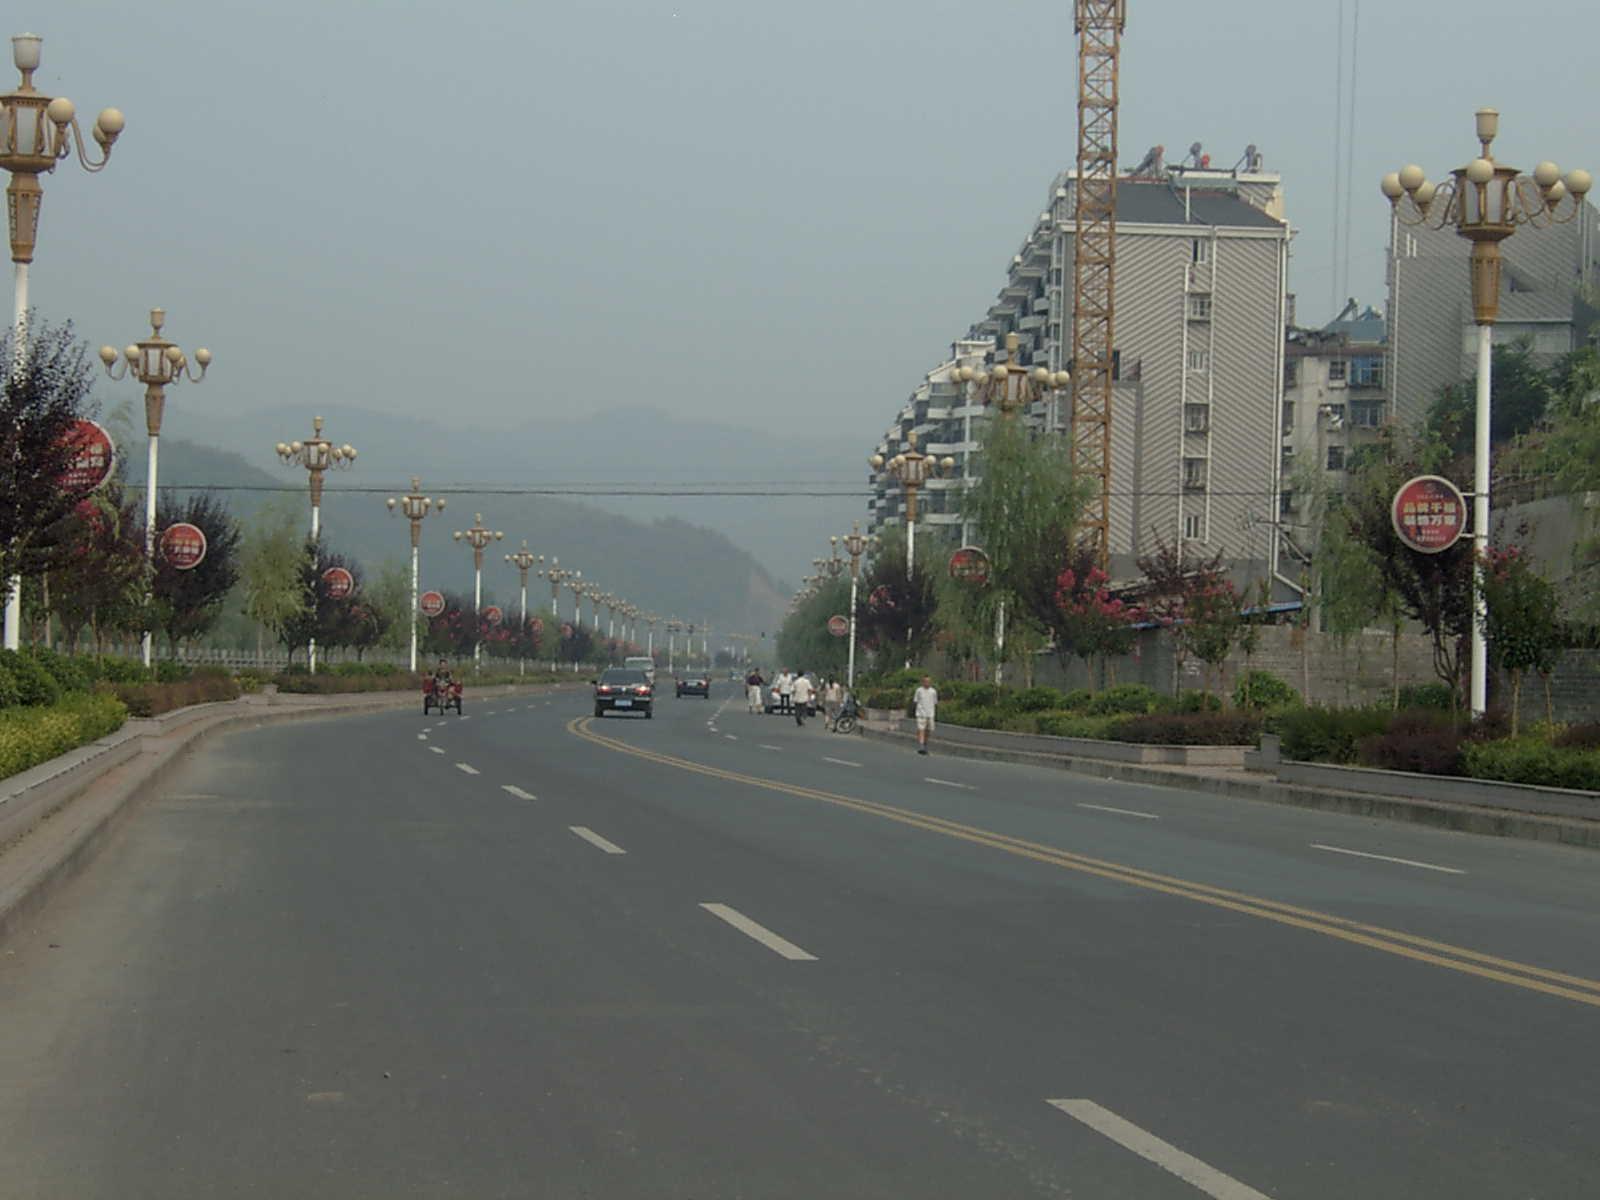 竹山河堤上的风景